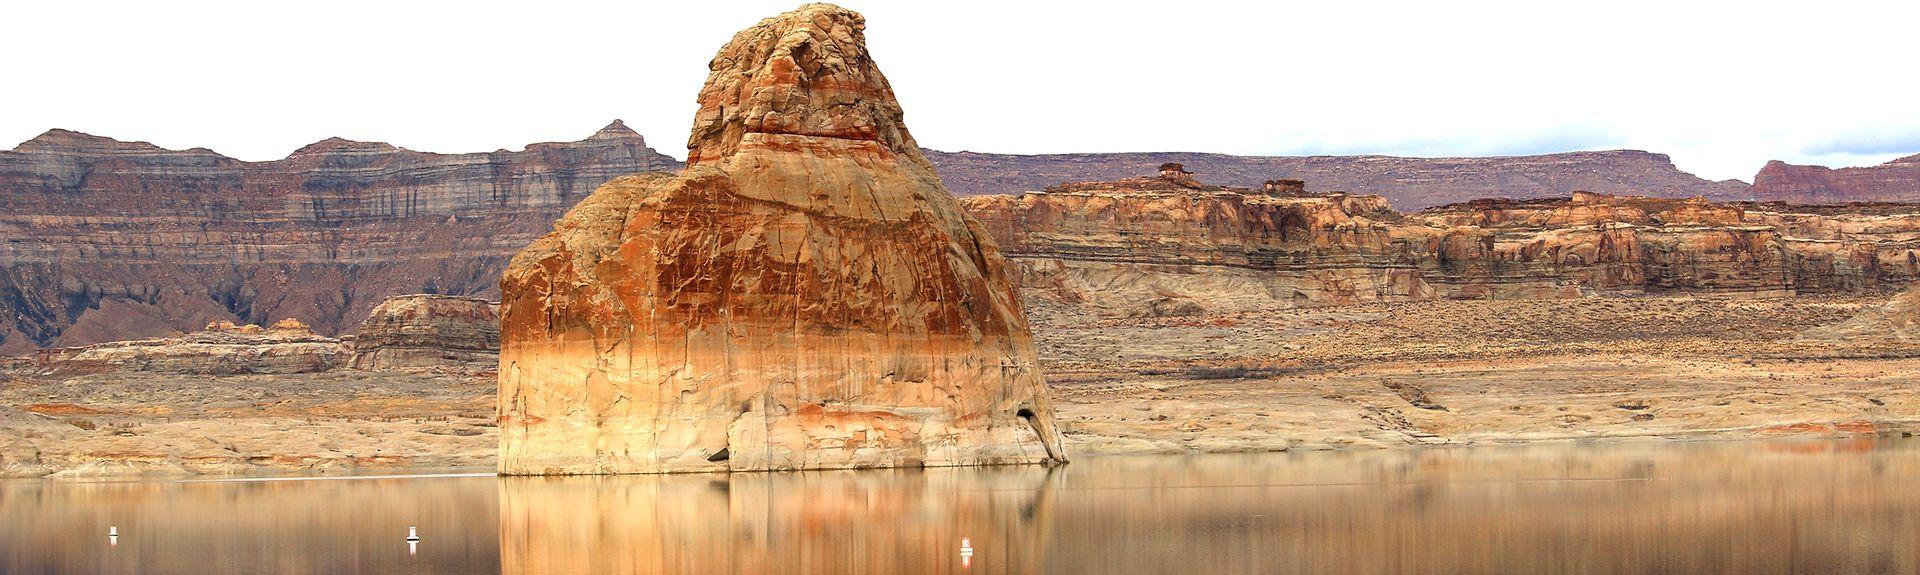 Antelope Canyon, Page, AZ, USA